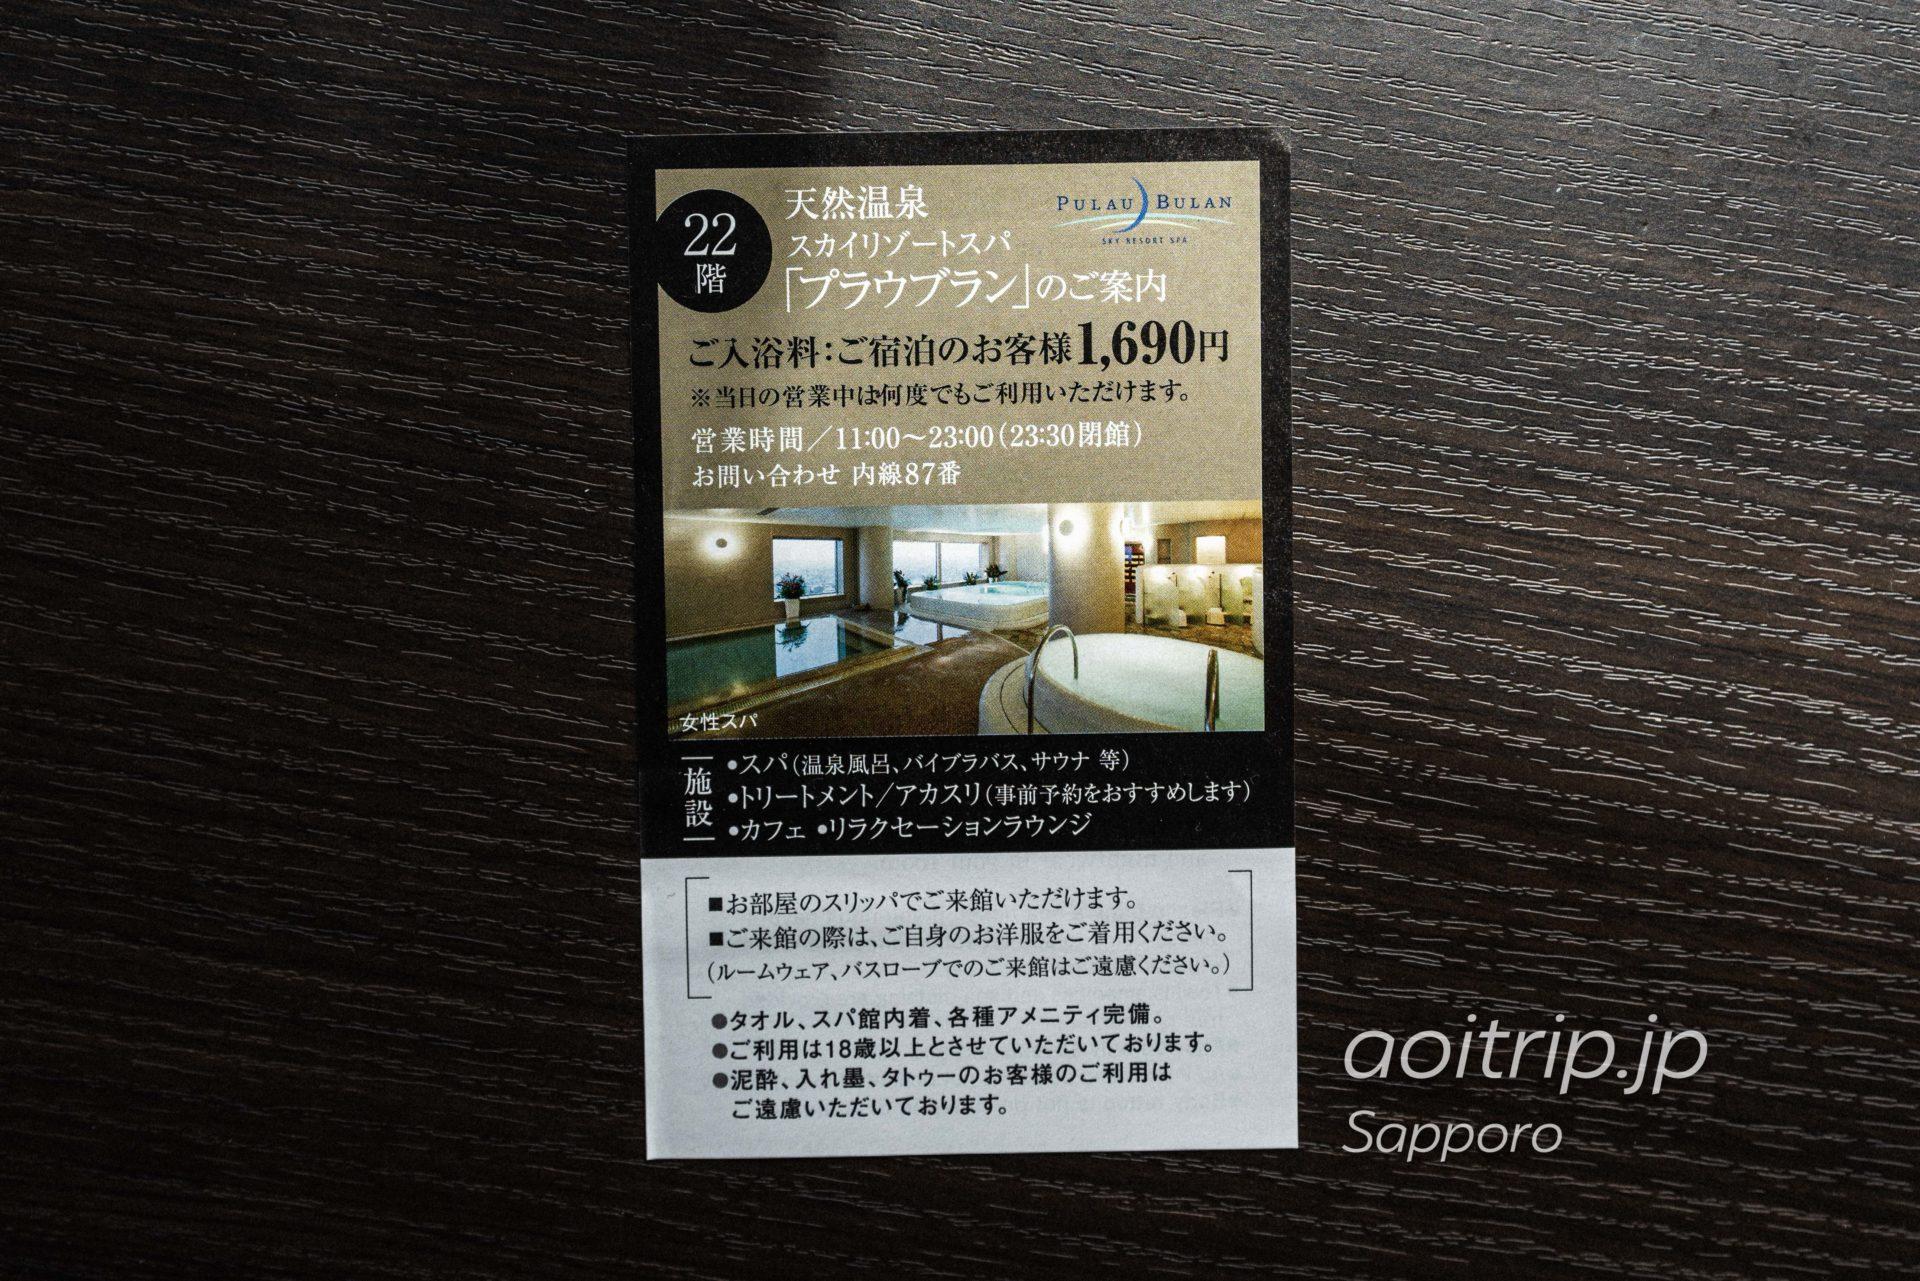 JRタワーホテル日航札幌の天然温泉スカイリゾートスパ「プラウブラン」